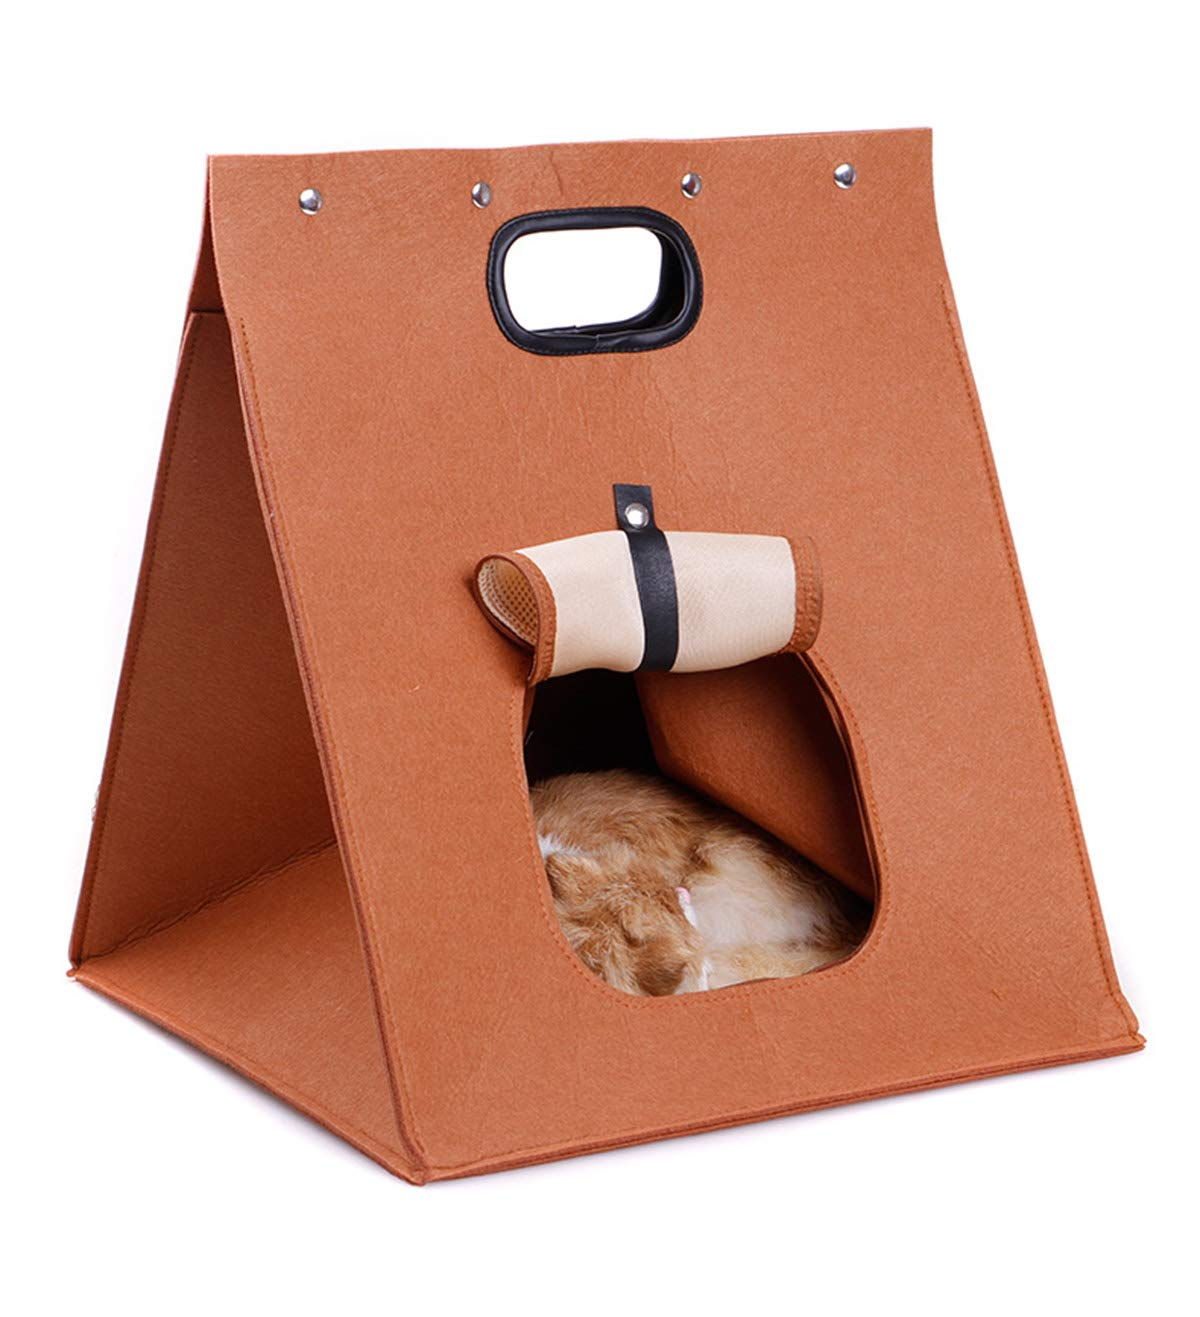 Creative Pet Carrier Cat Felt Bag Portable Kitten Living Handbag Foldable House for Teddy, 15.75  15.75  18.9Inch